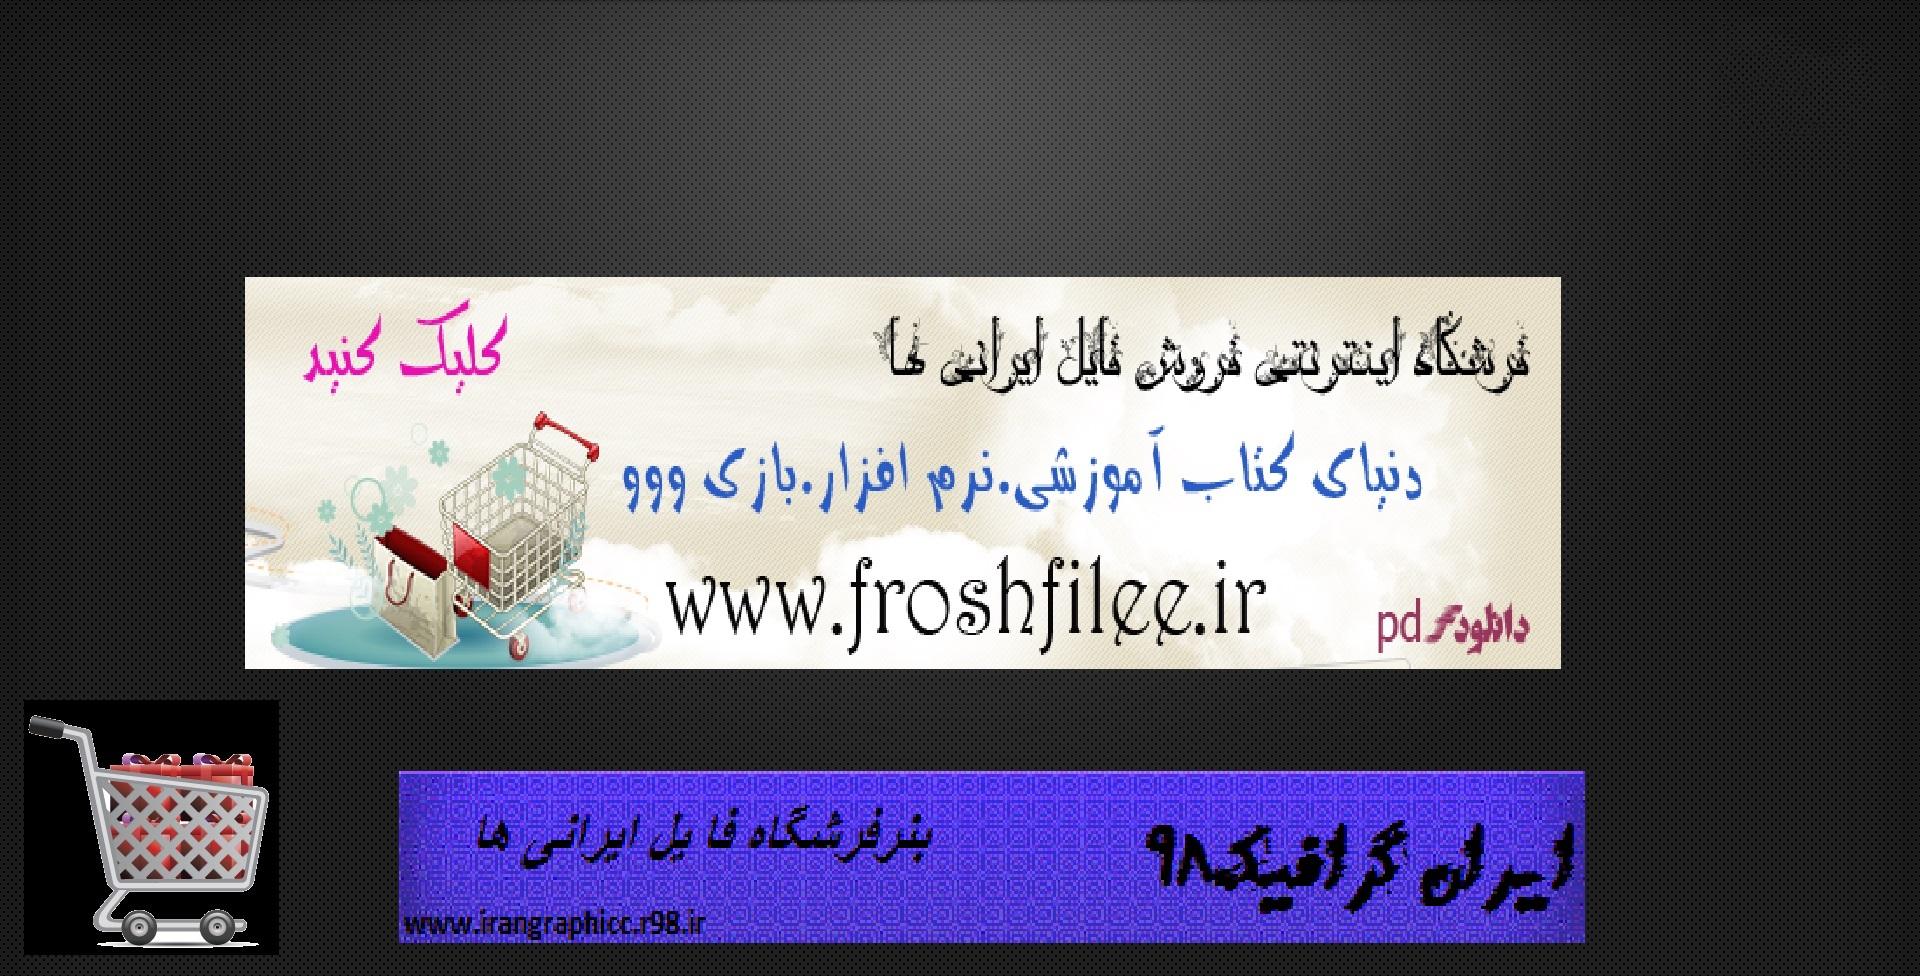 بنر فرشگاه فروش فایل ایرانی ها